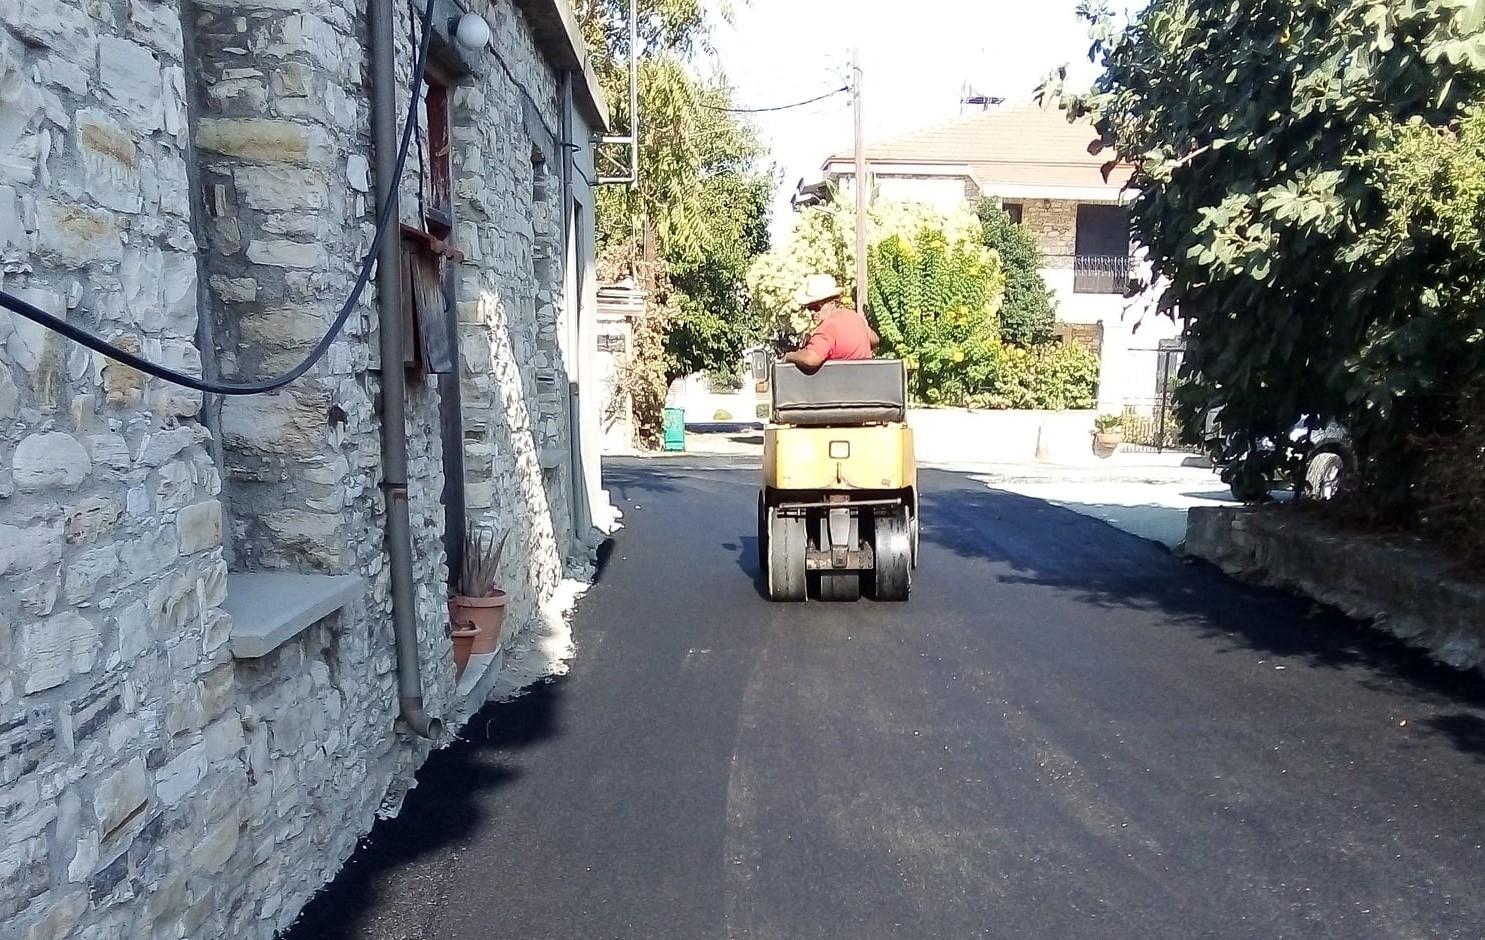 Ο Δήμος Λευκάρων συνεχίζει τις ασφαλτοστρώσεις σε δρόμους του δήμου του (φώτο)